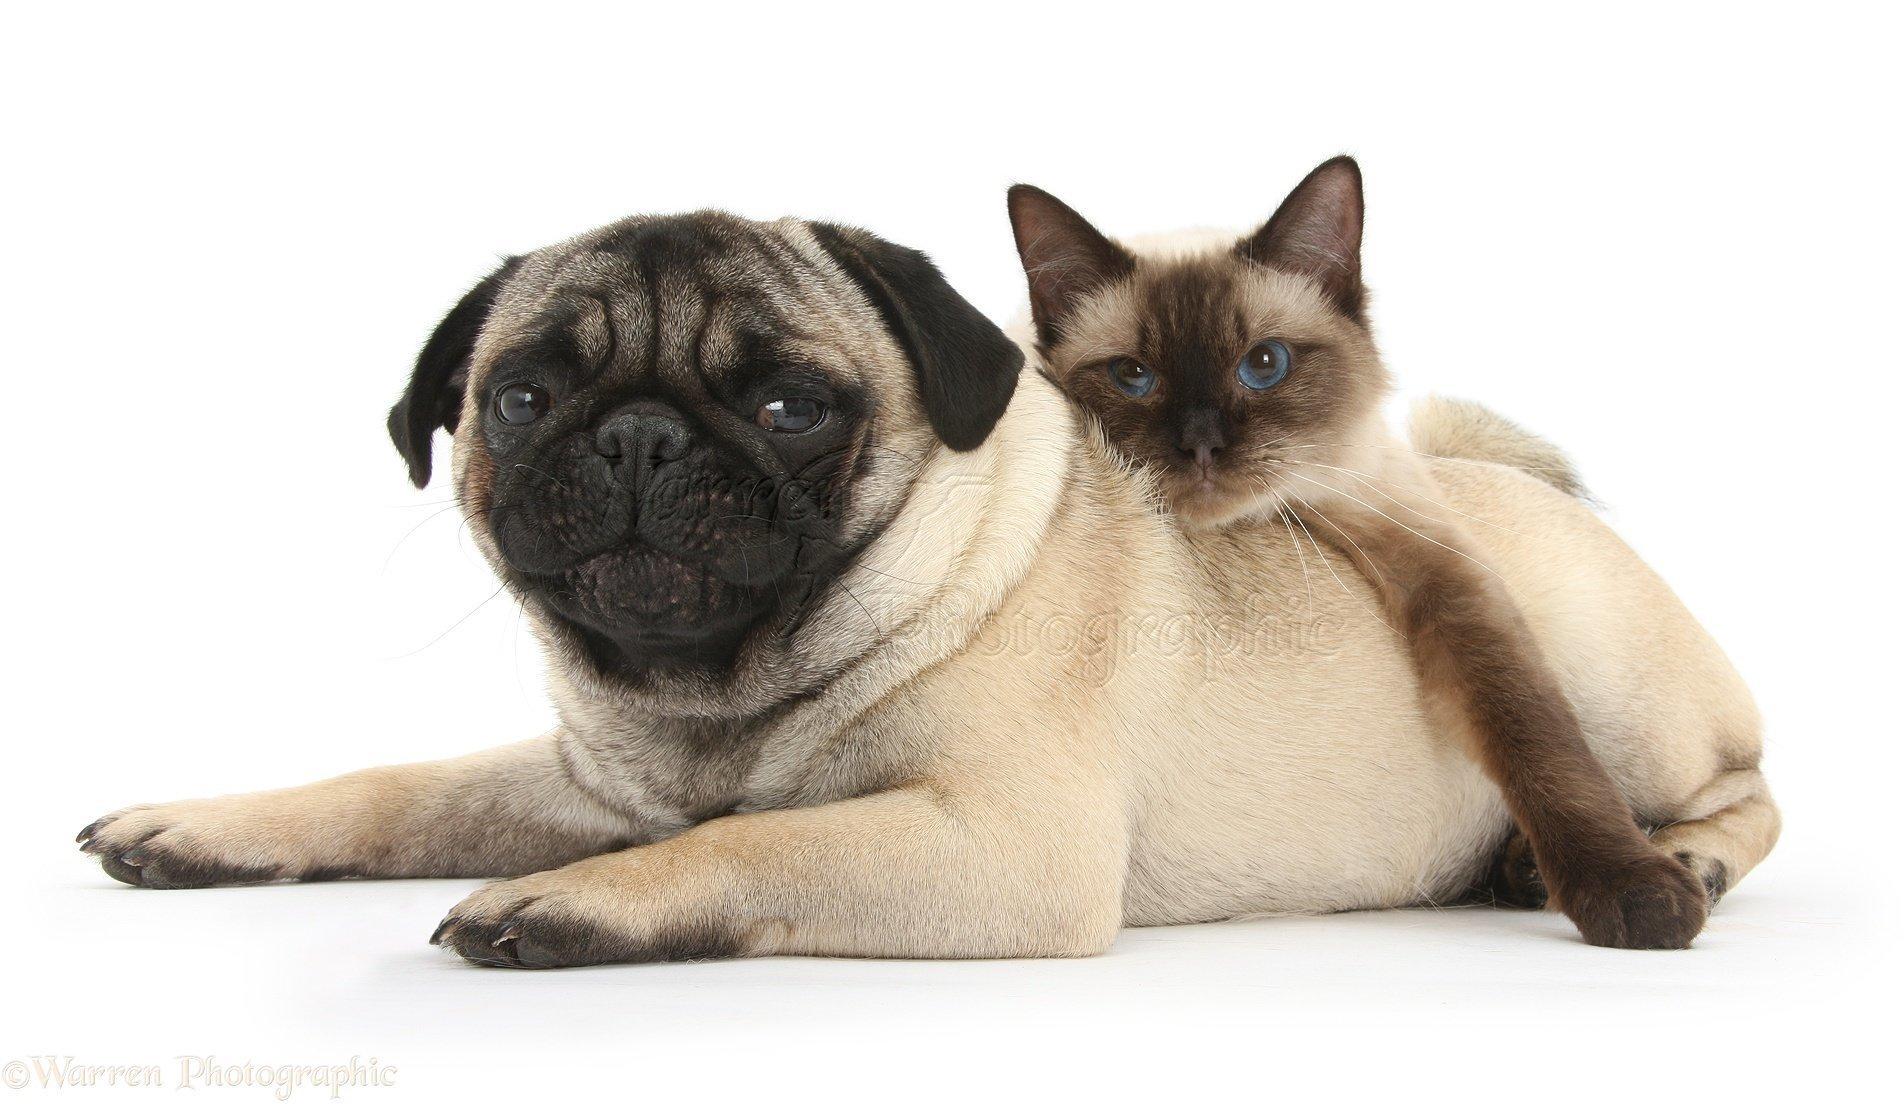 мопсы и кошки картинки будет регулируемая